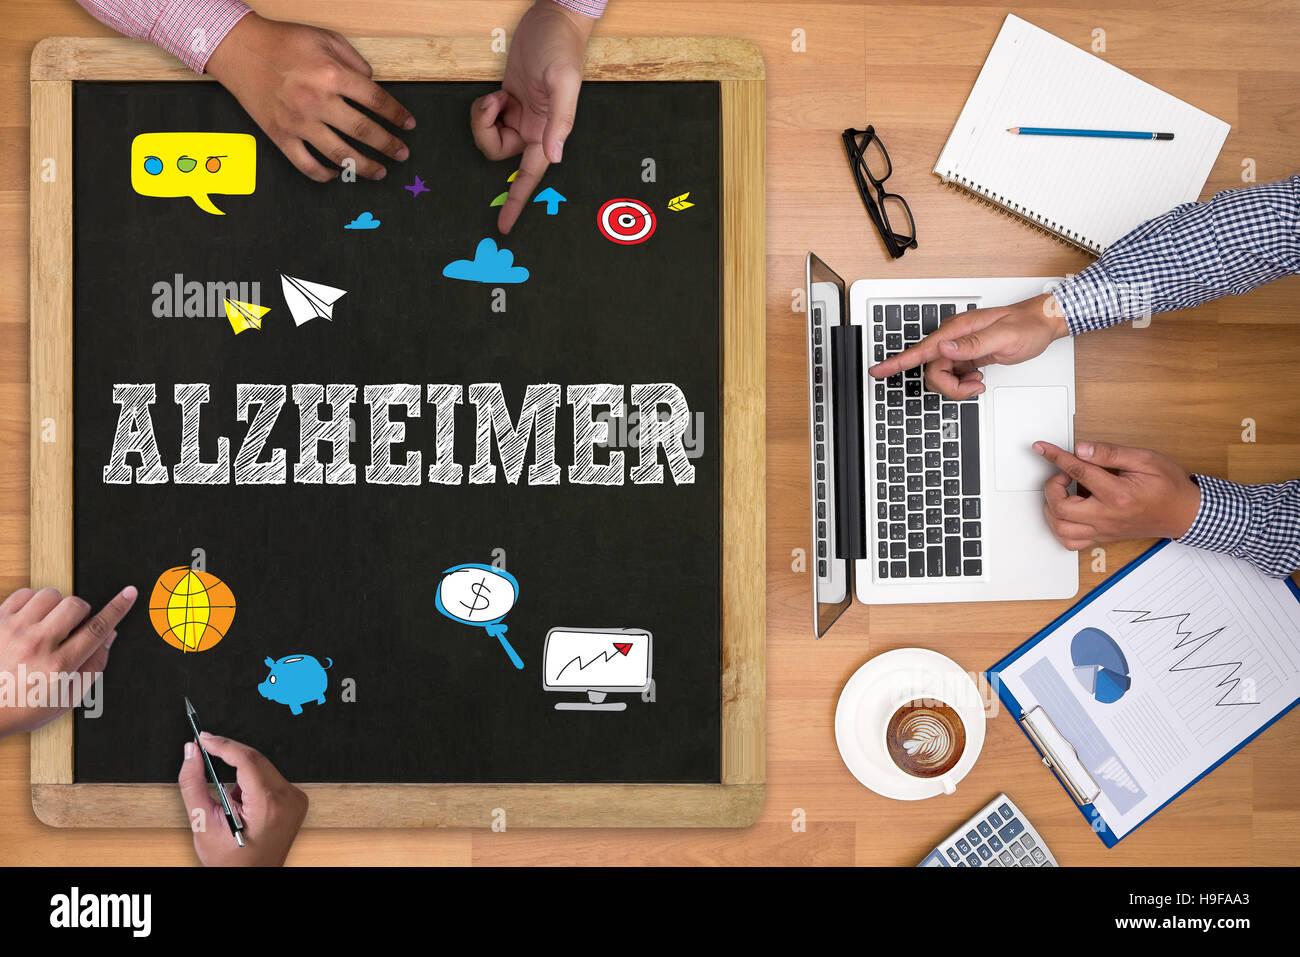 ALZHEIMER - Stock Image